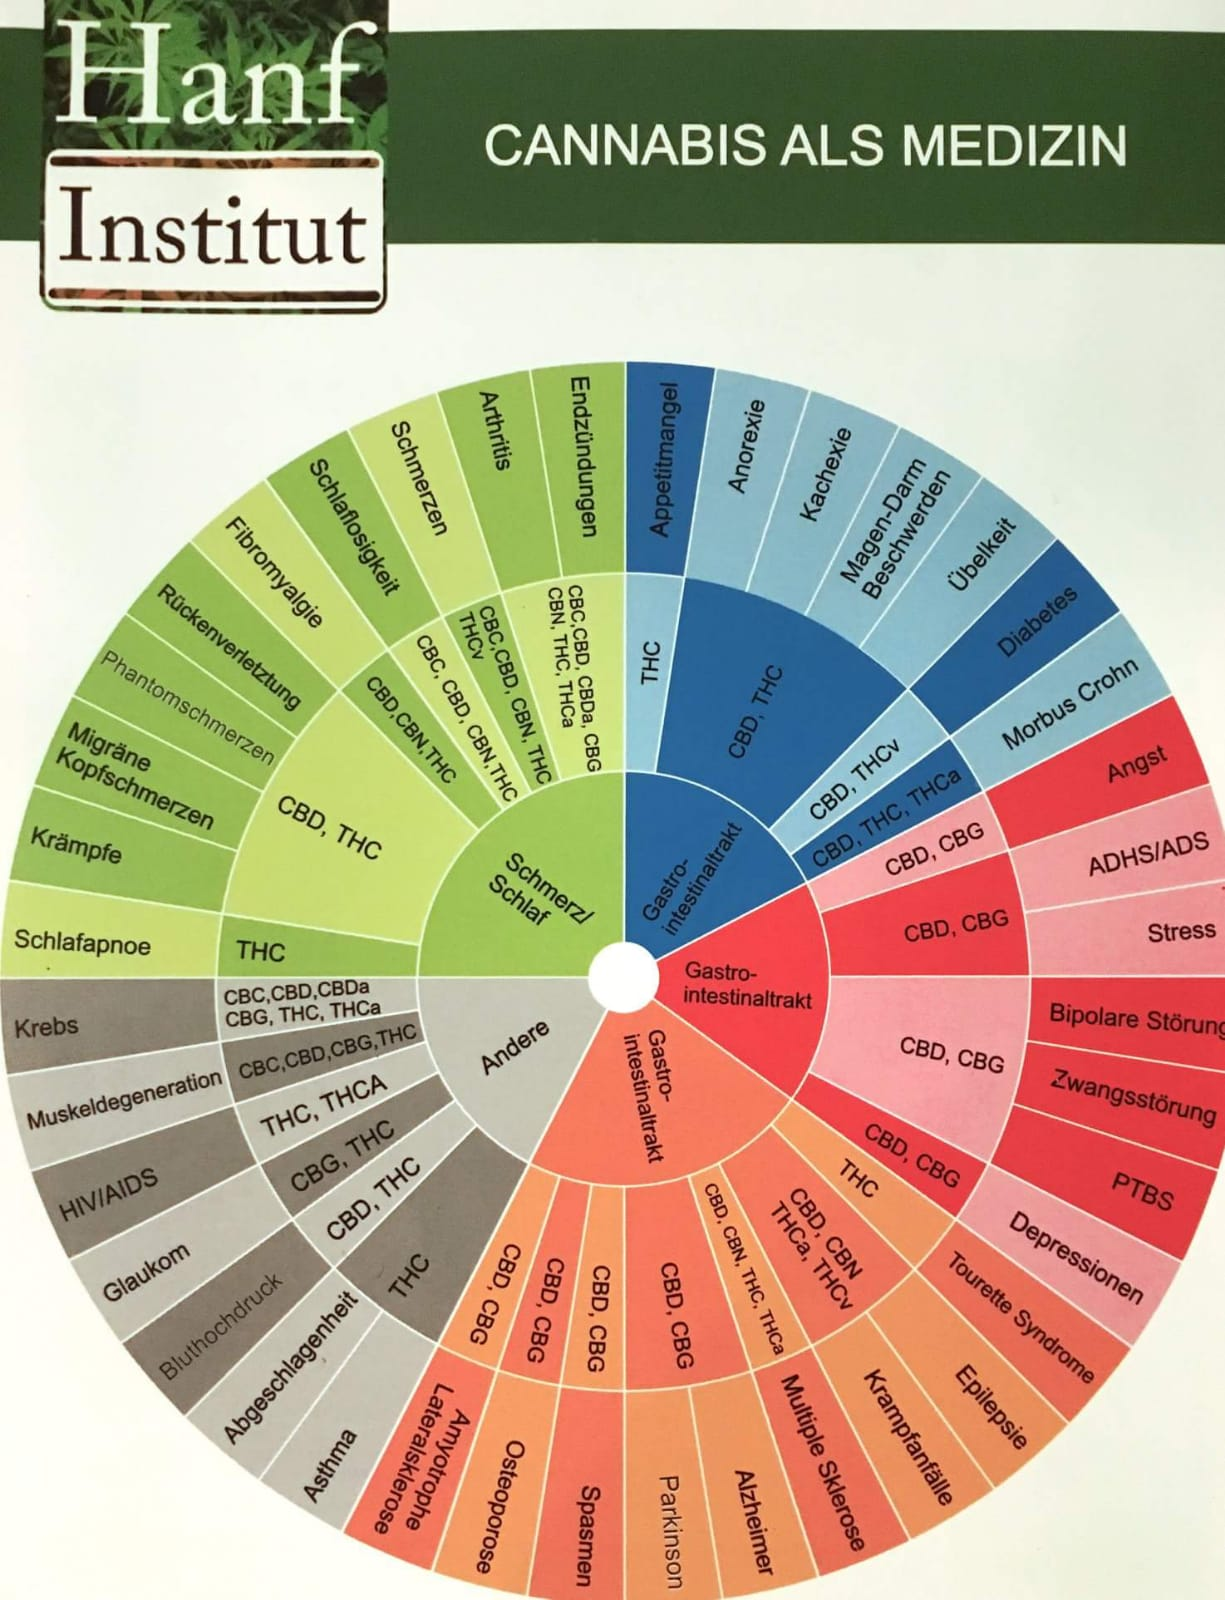 Medizinische Einsatzgebiete von CBD und anderen Cannabinoiden laut Hanf Institut (hanfinstitut.at)